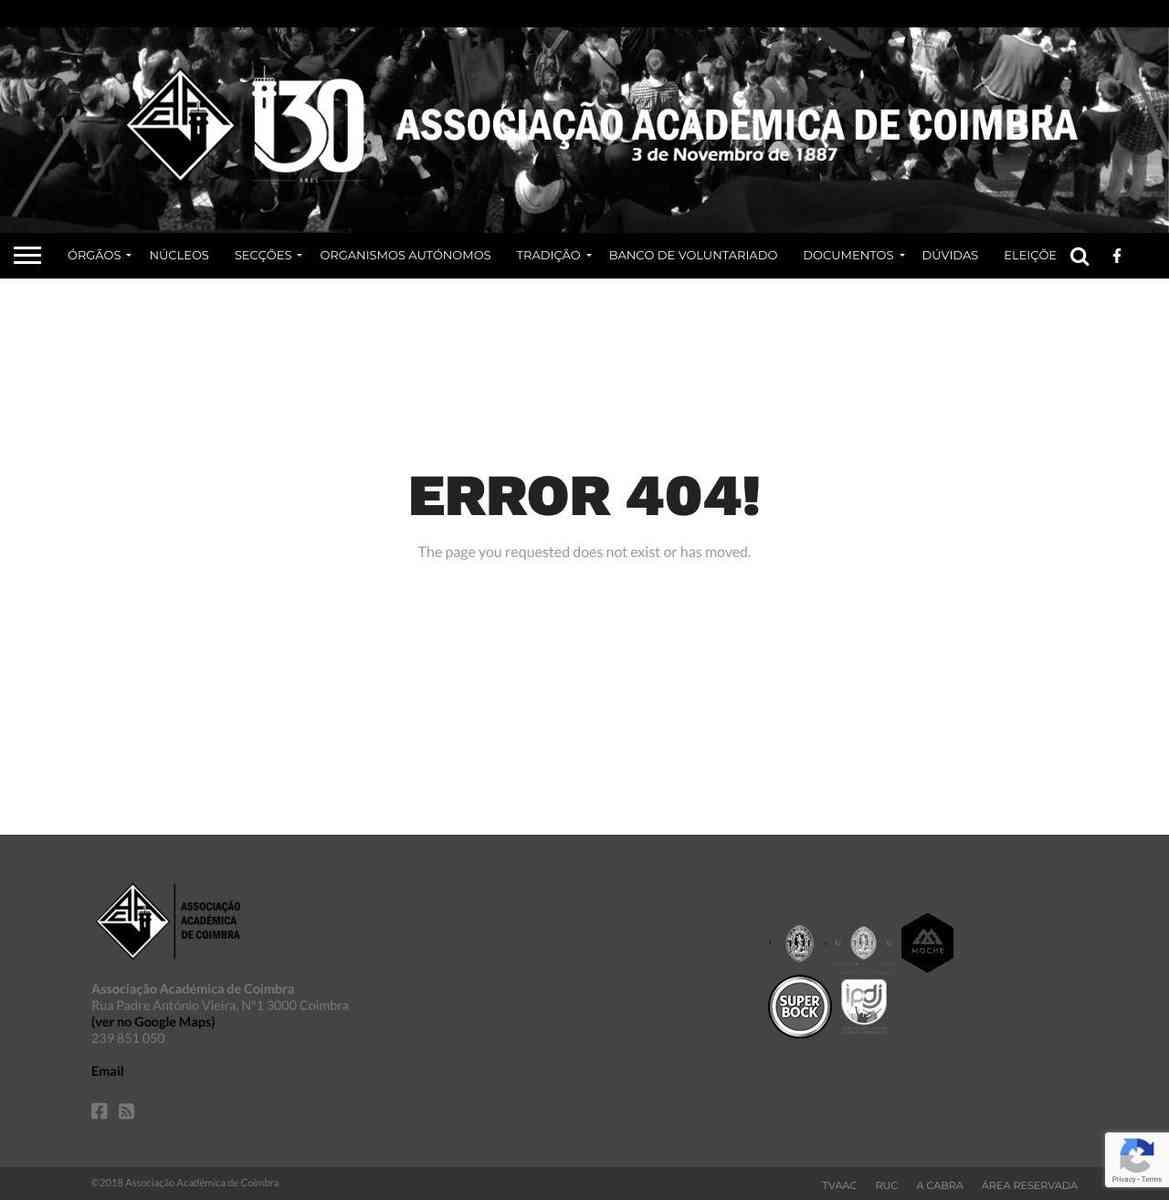 Cinemalogia 2 – Da Ideia ao Filme: Pós-Produção de Imagem | Associação Académica de Coimbra